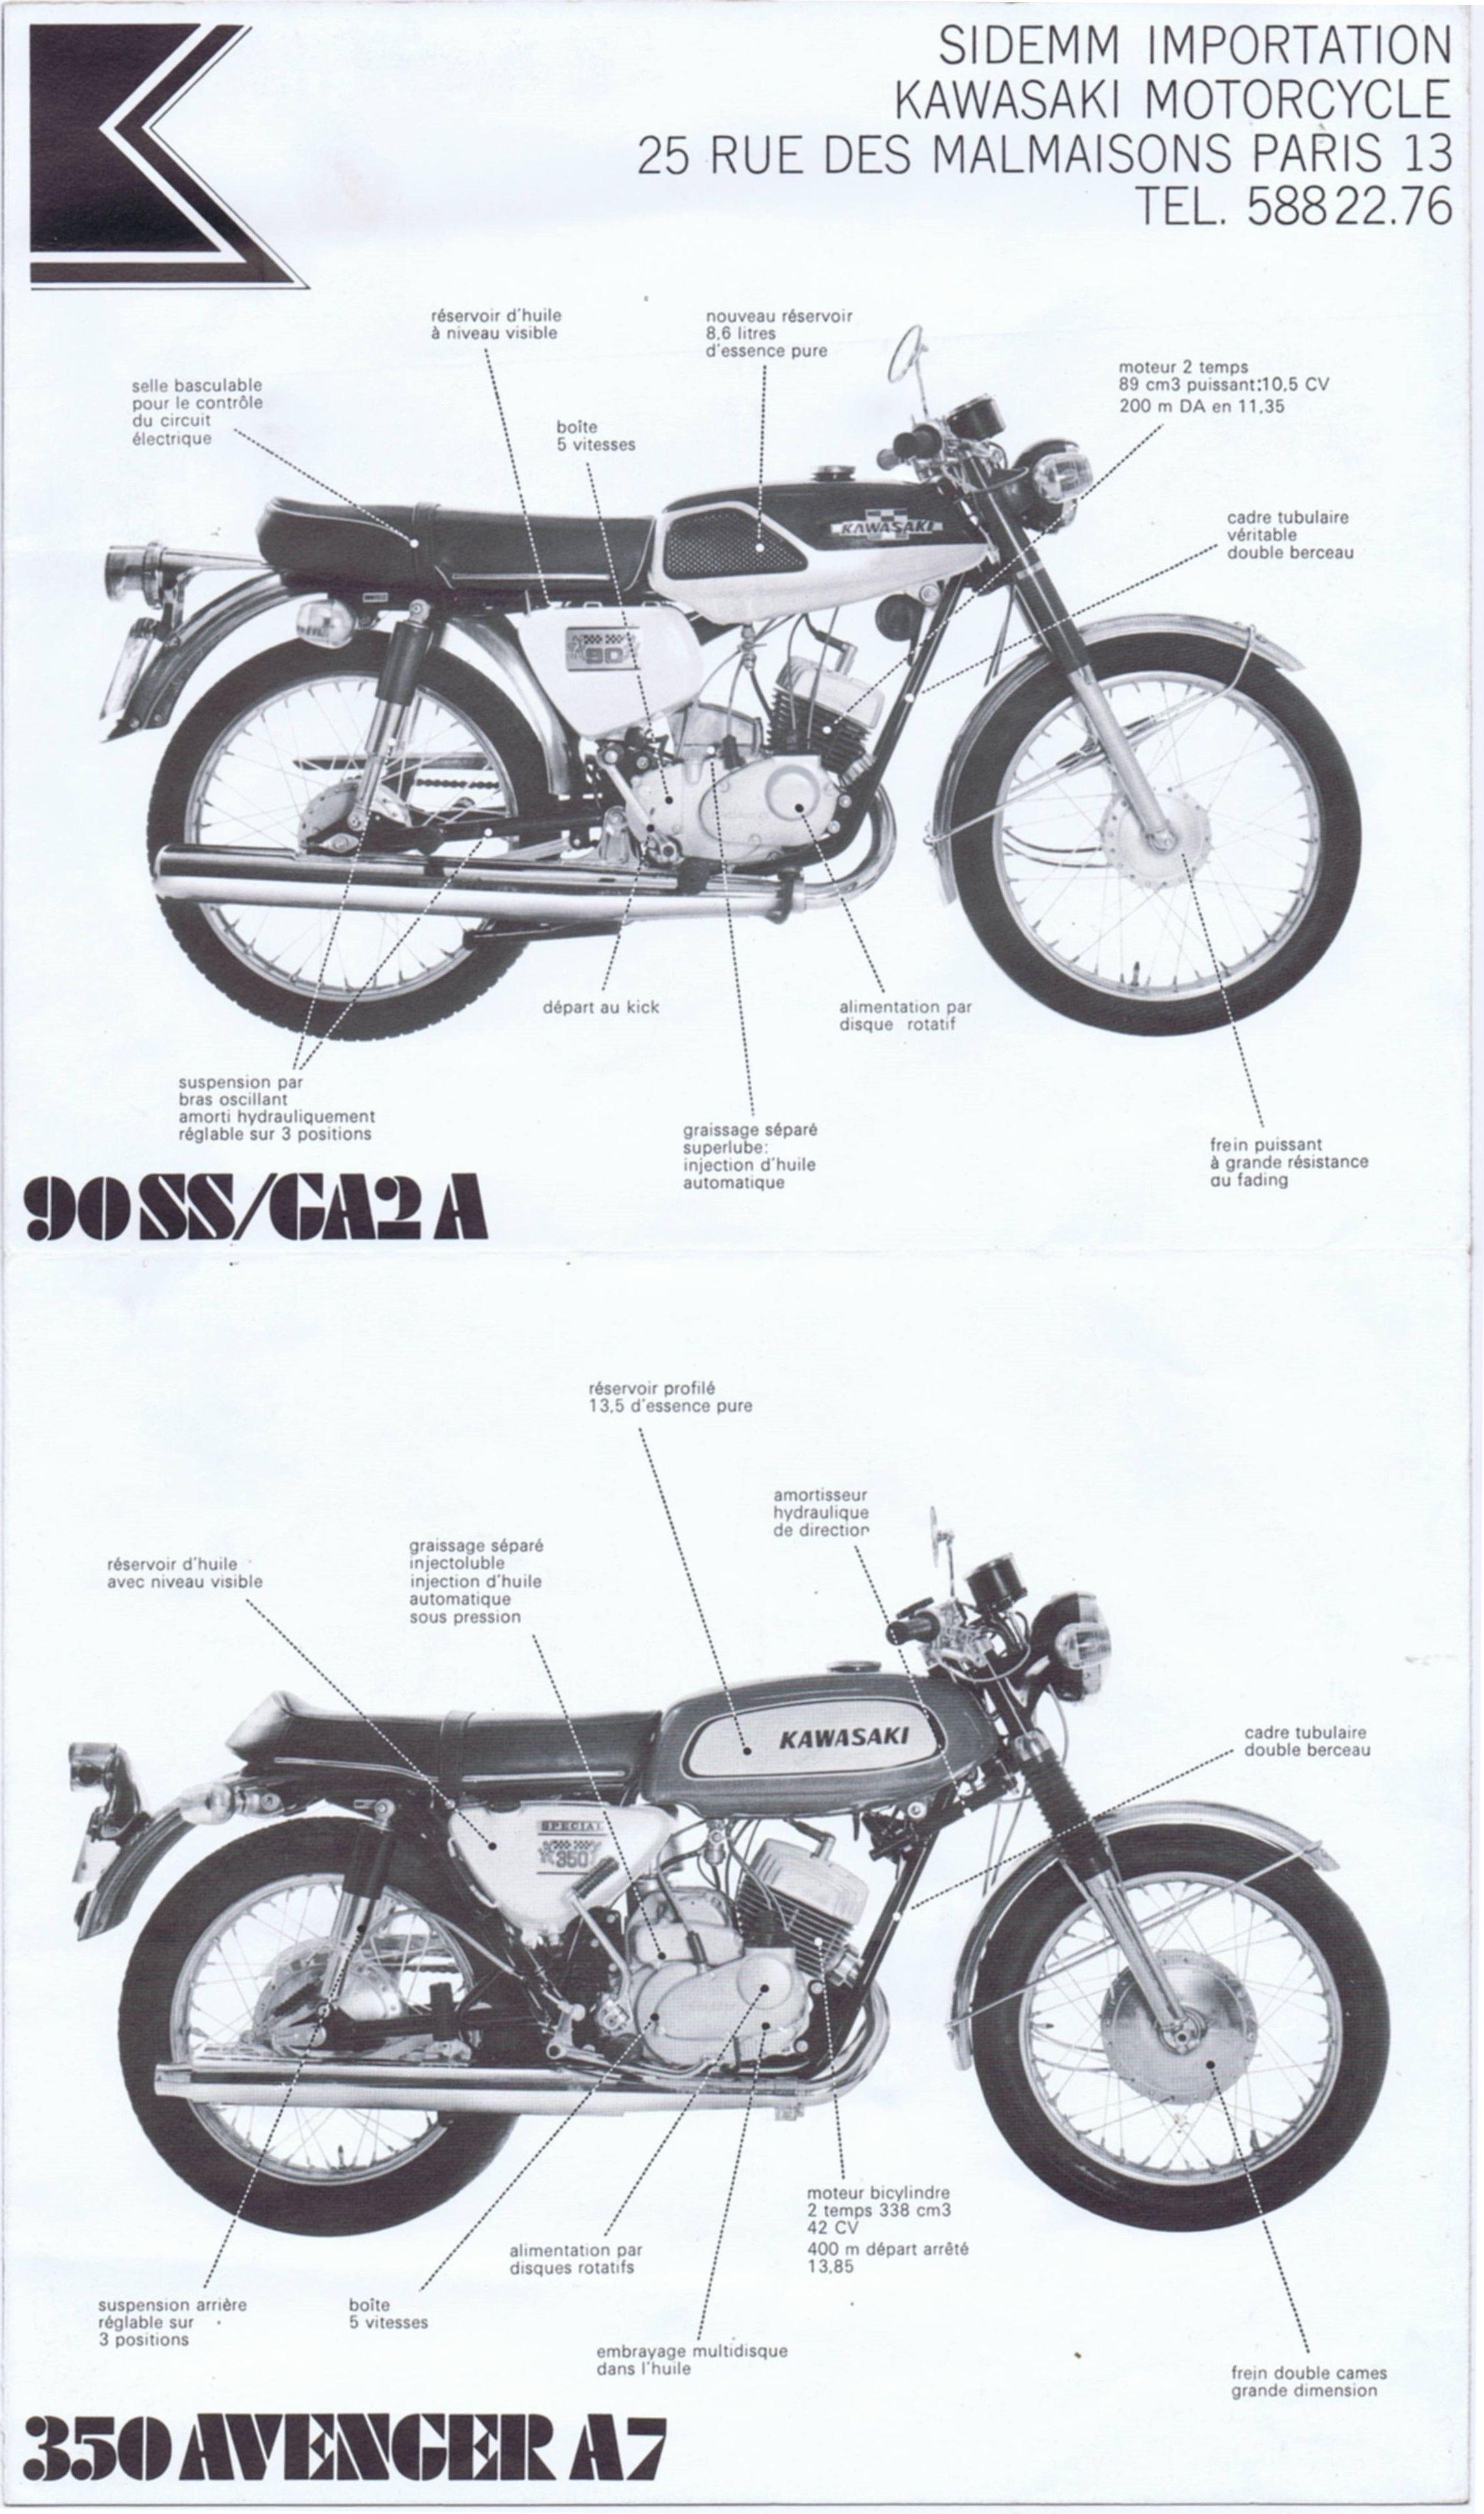 Kawasaki 250 Samurai A1 350 Avenger A7 500 Mach Iii 2